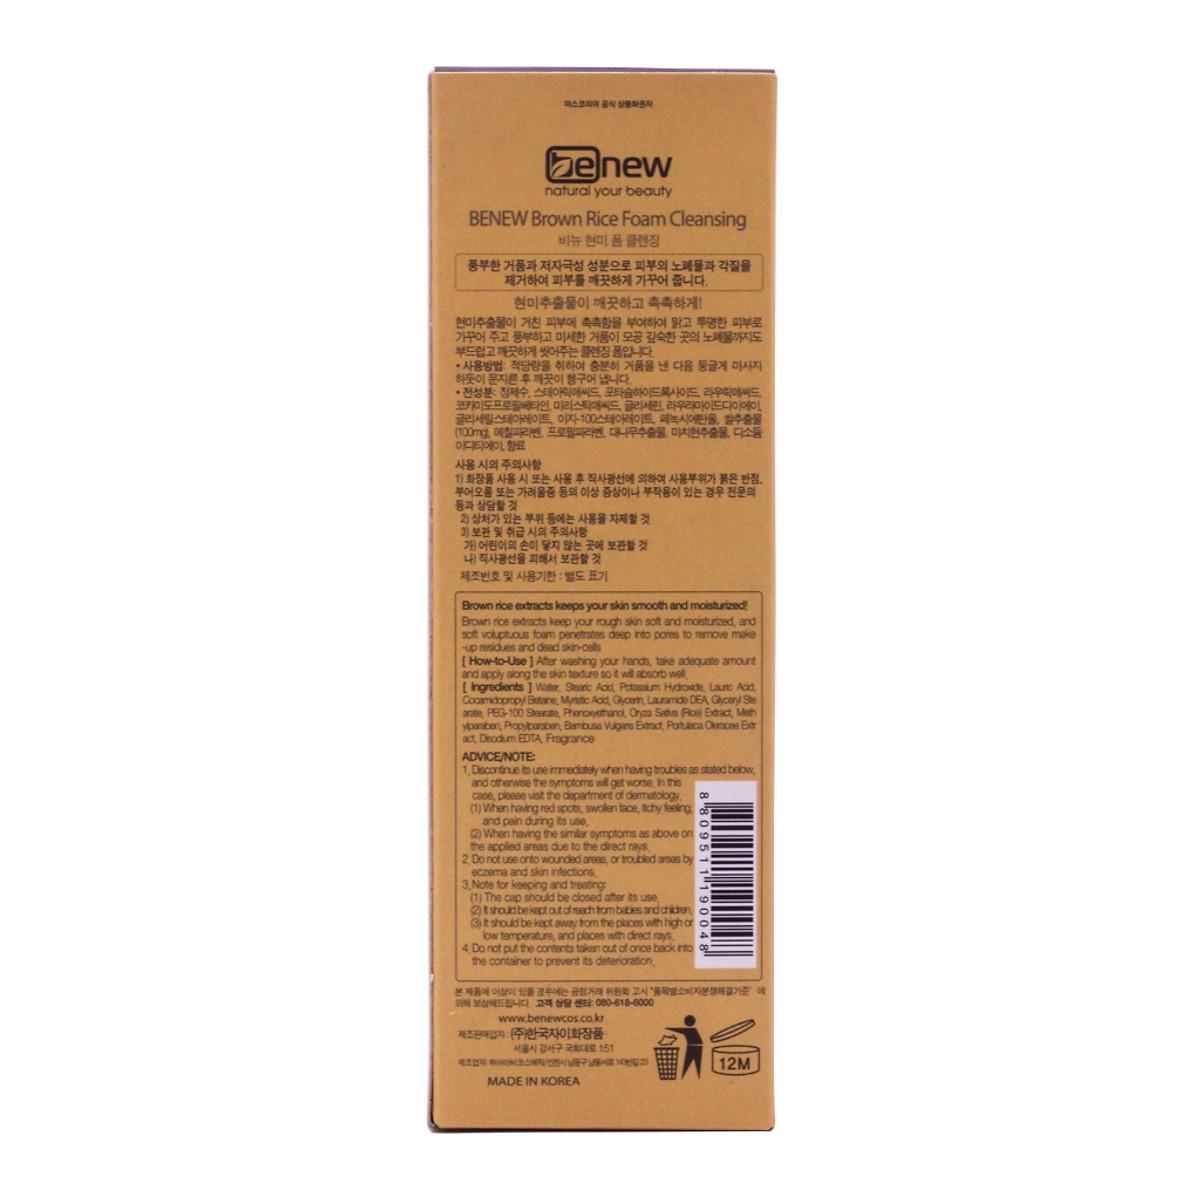 Sữa Rửa Mặt Hàn Quốc Tinh Chất Lúa Mạch Benew Brown Rice Foam Cleansing (100ml) – Hàng Chính Hãng [ Tặng bút bi mực nước ]